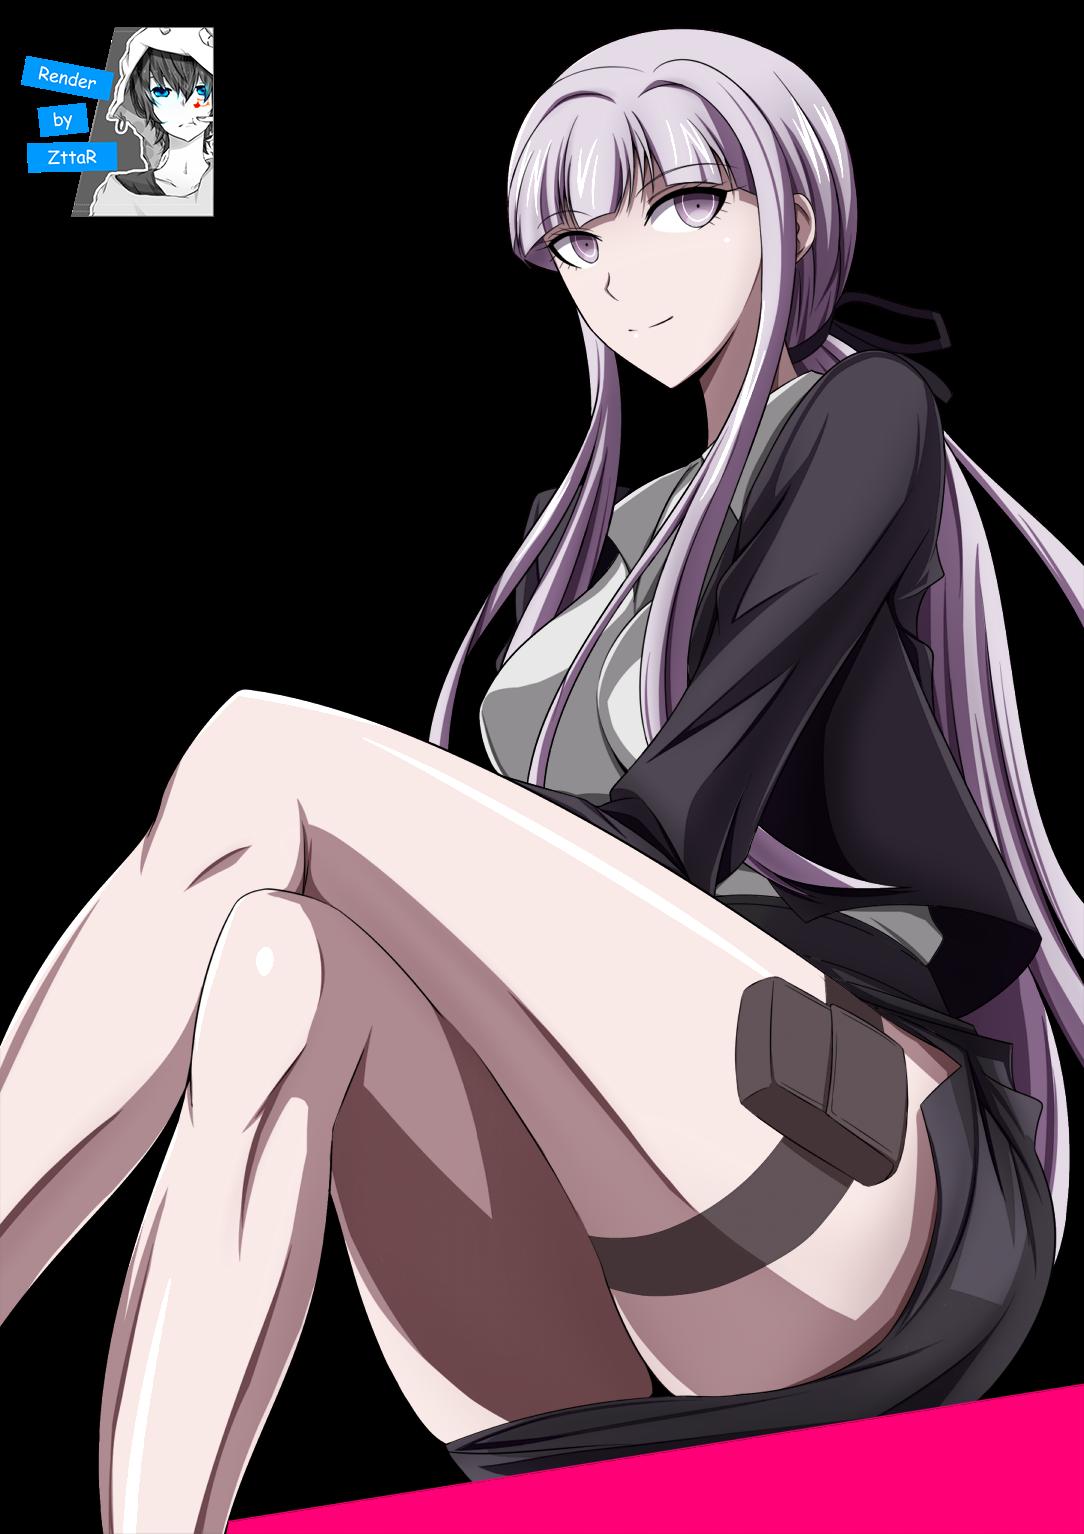 Render Kirigiri Kyouko